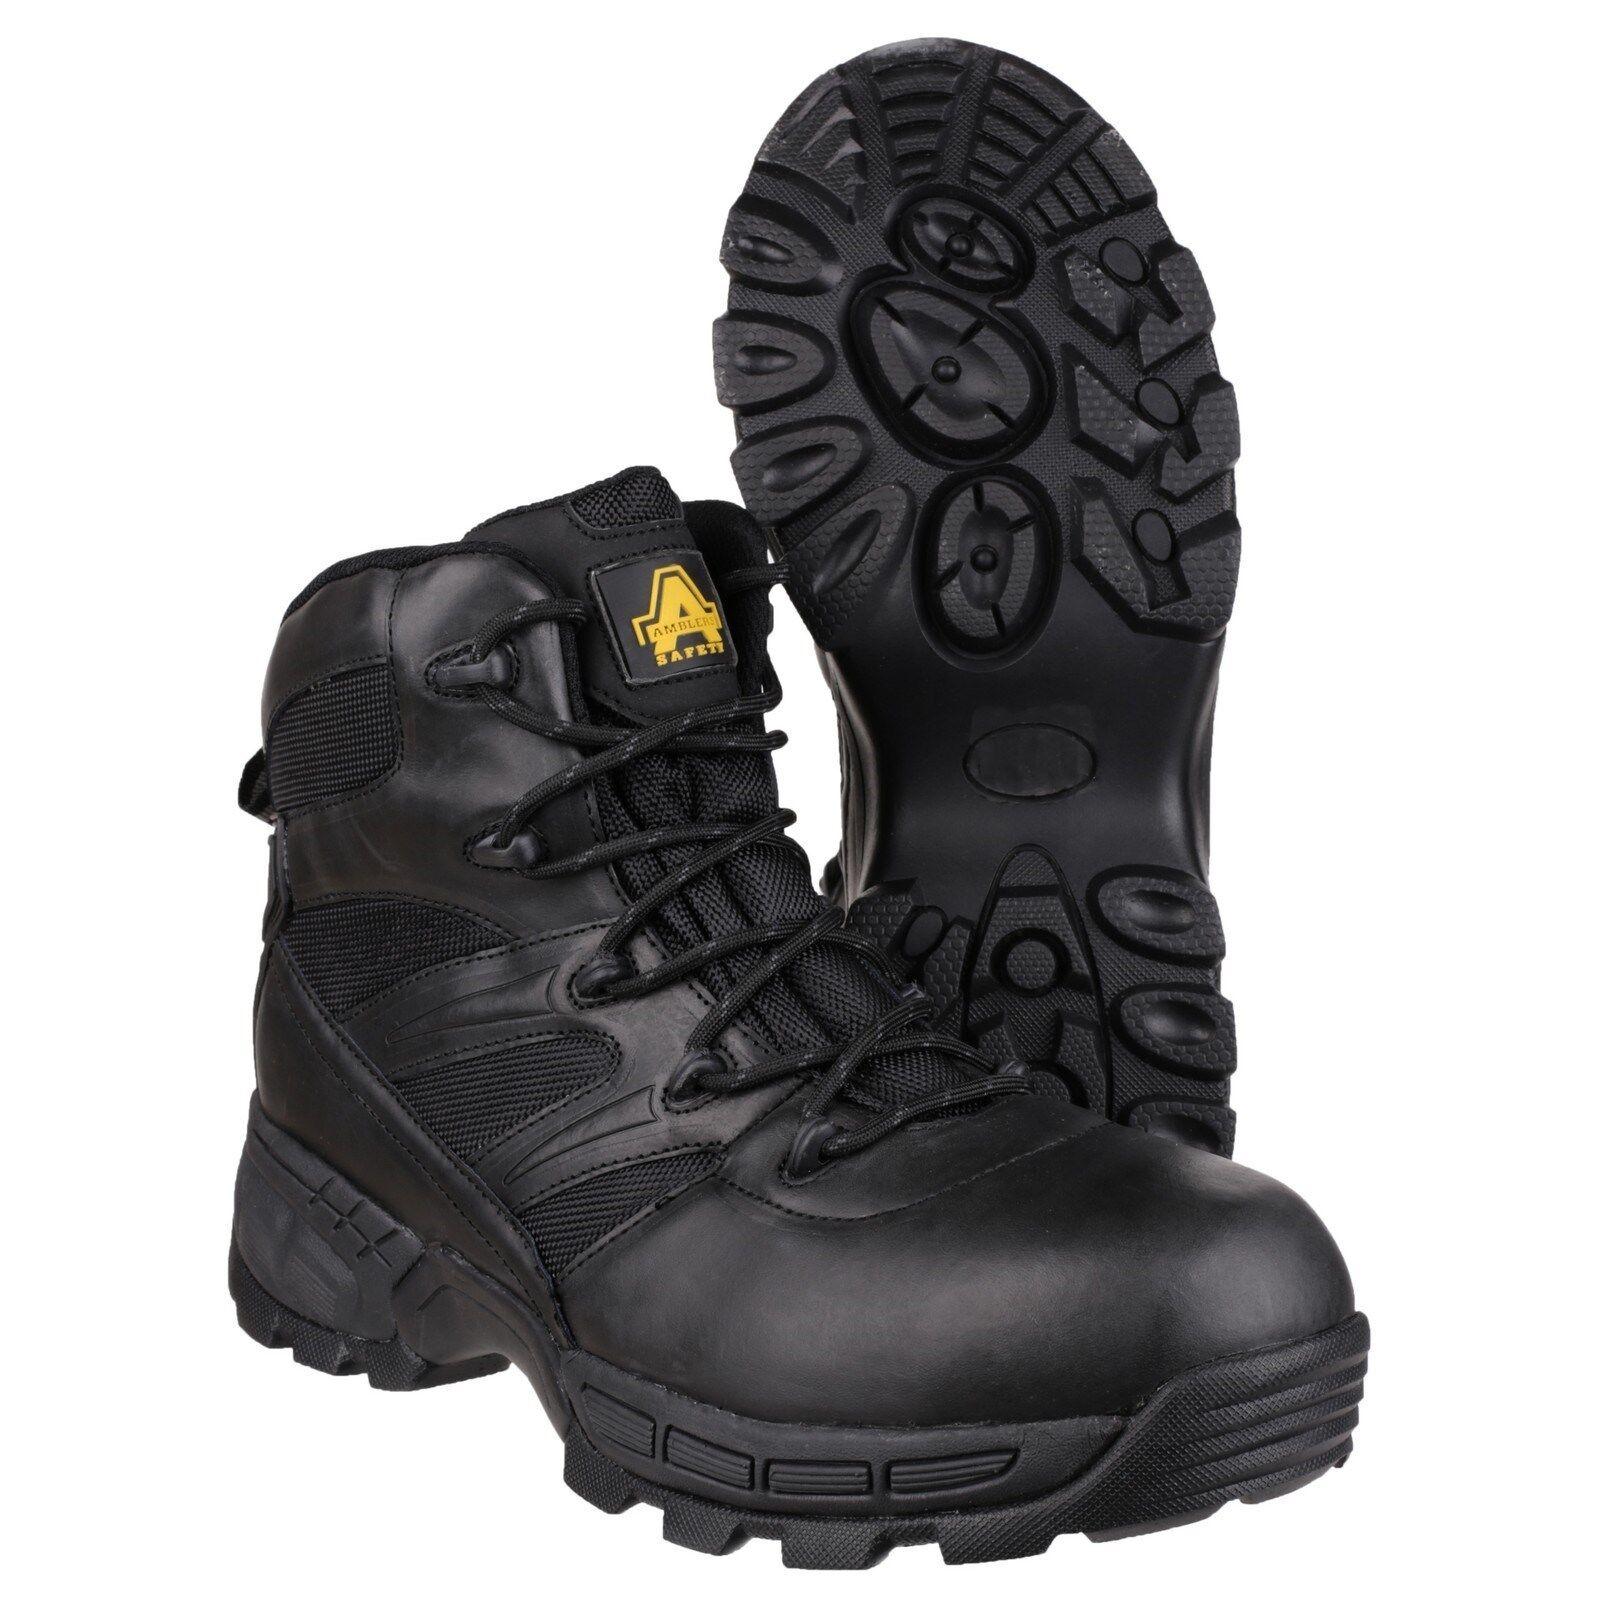 Amblers FS410 PIRANHA Stivali di sicurezza S3 impermeabile in acciaio punta pelle impermeabile S3 di lavoro da uomo 1bf84e